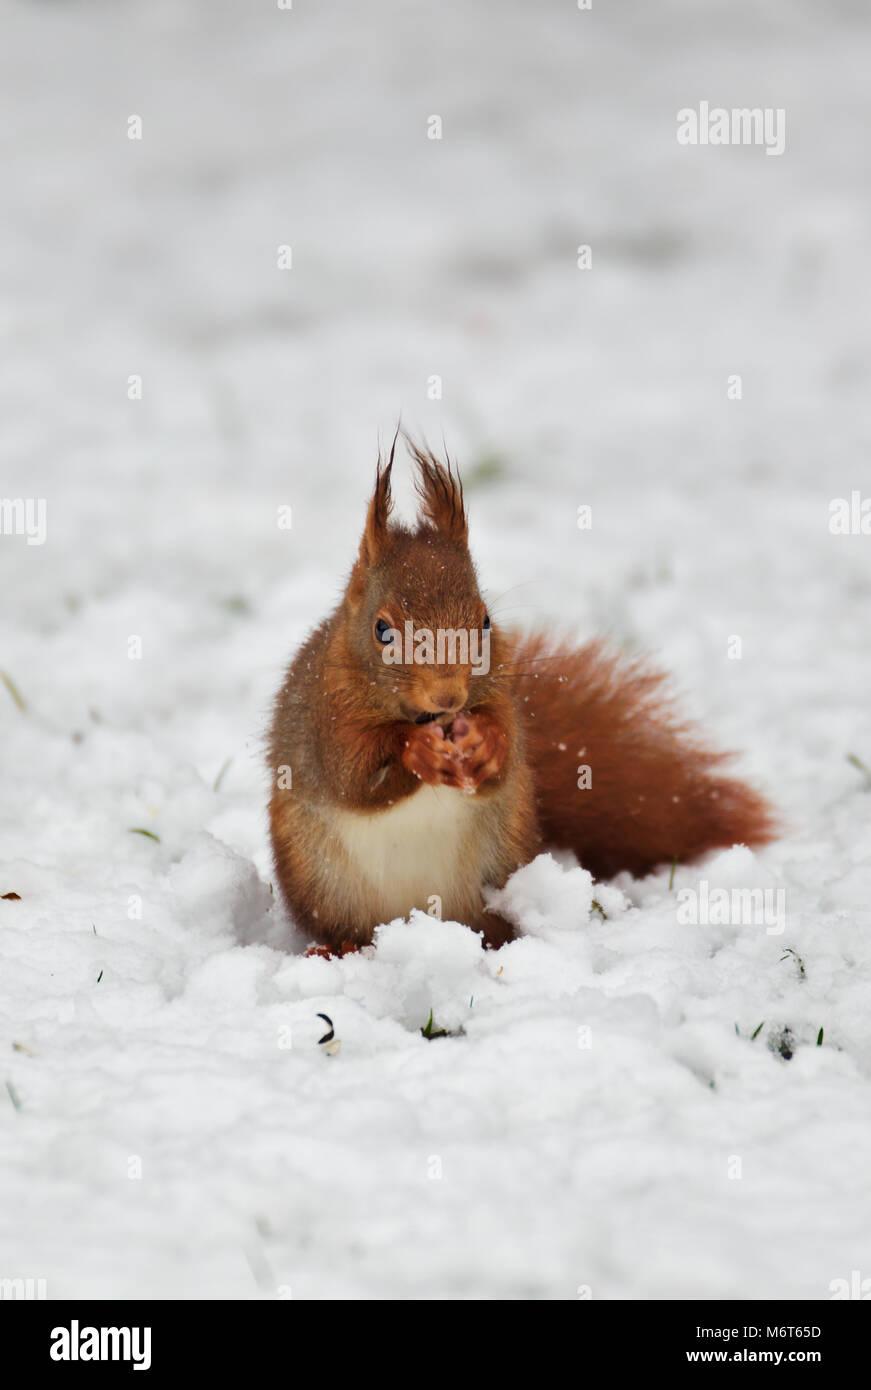 eurasian-red-squirrel-sciurus-vulgaris-i